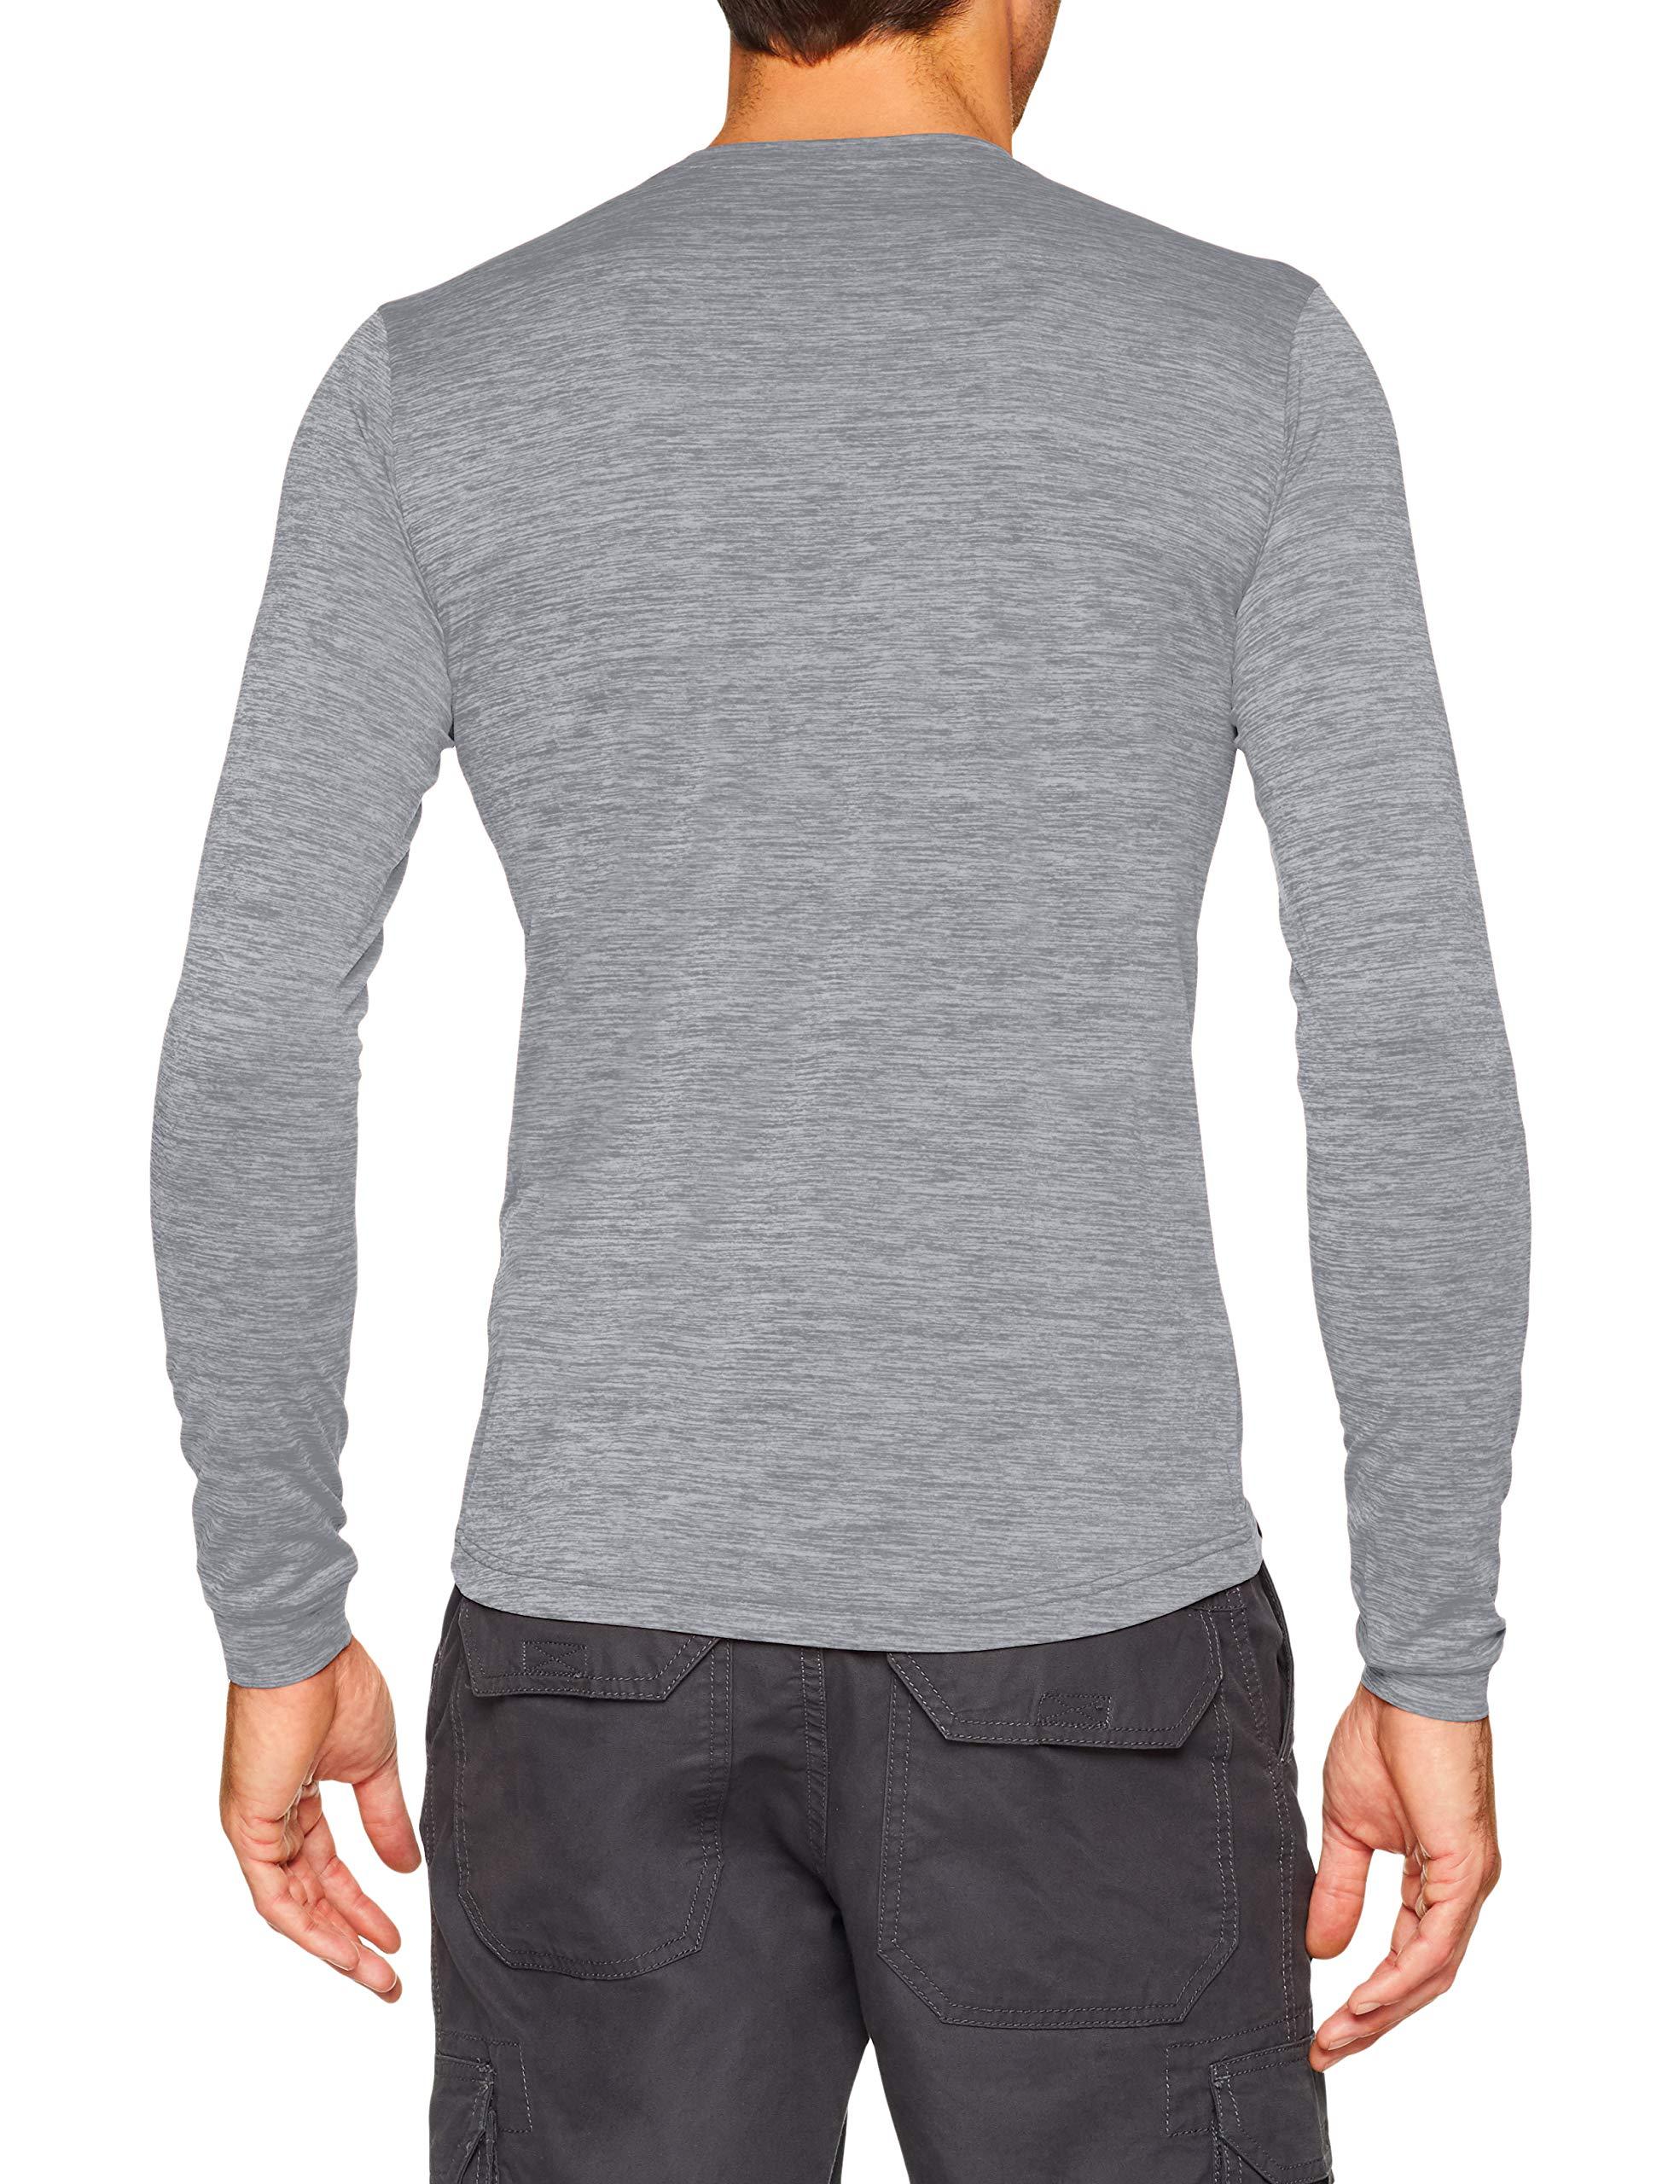 Prettystern berretto beanie 100/% cashmere bicolore due strati grigio scuro grigio chiaro reversibile uomini /& donne